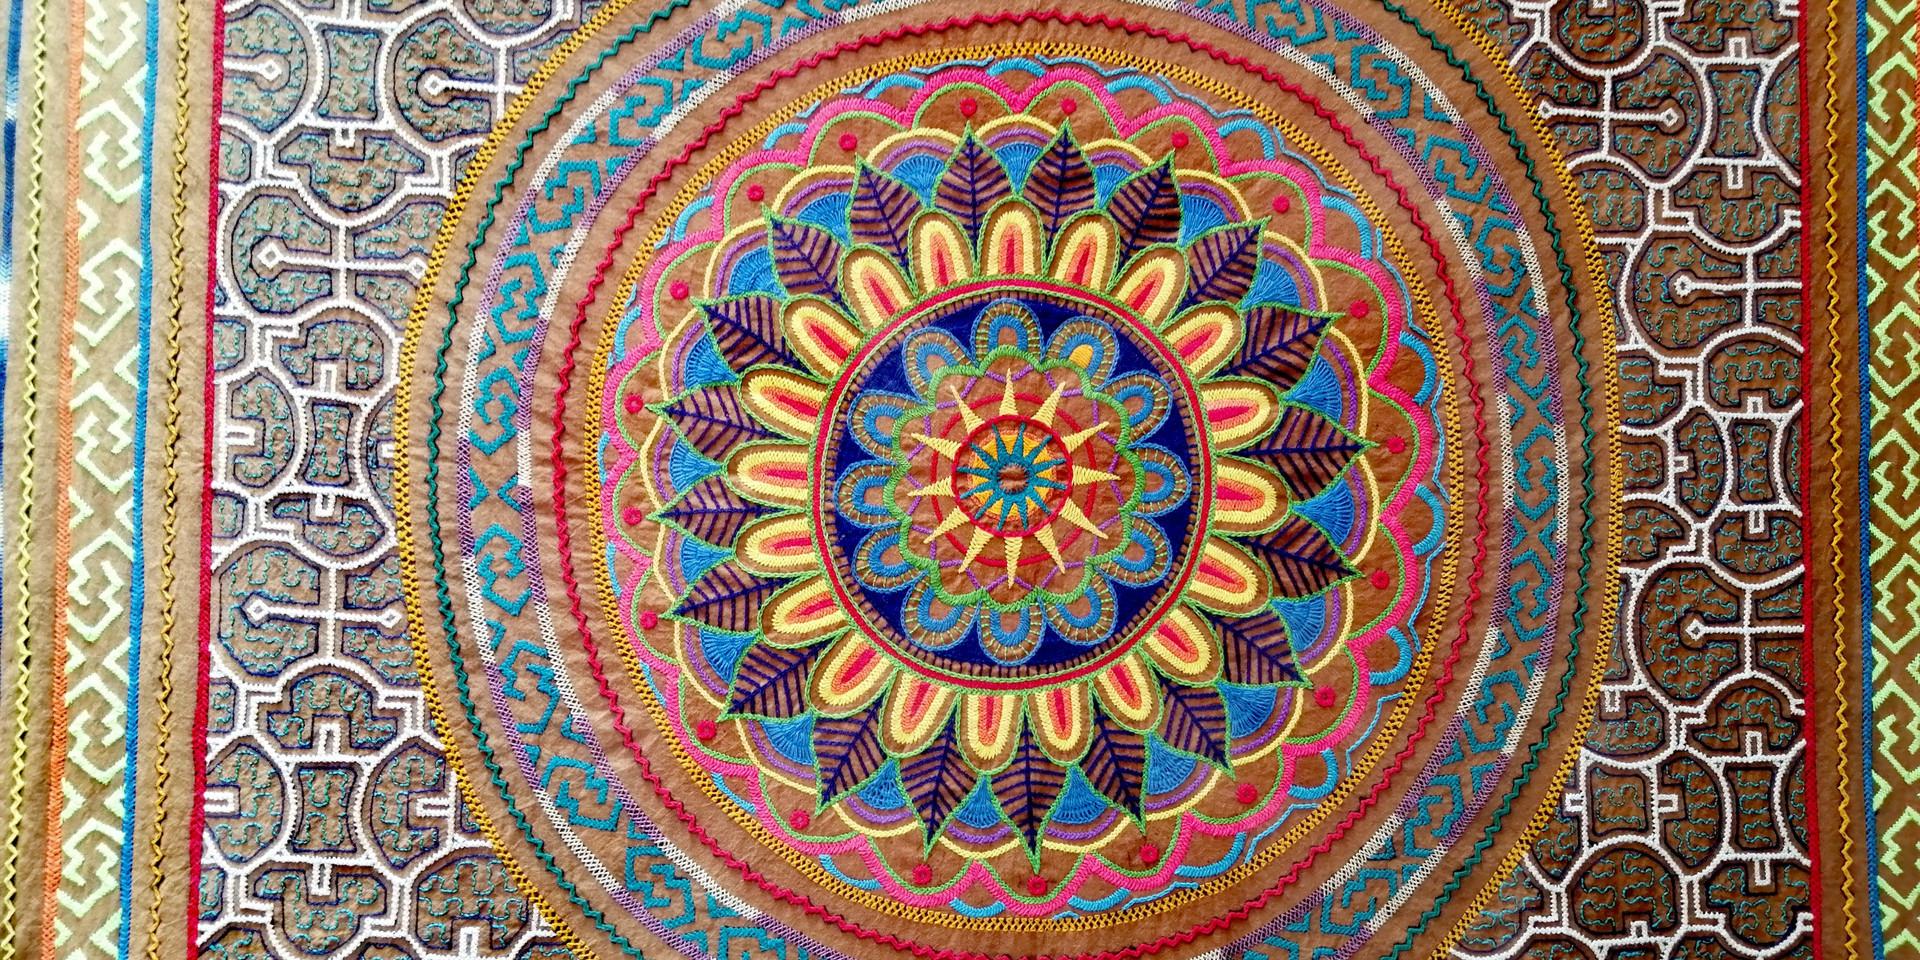 Traditional handmade Shipibo Peru arts